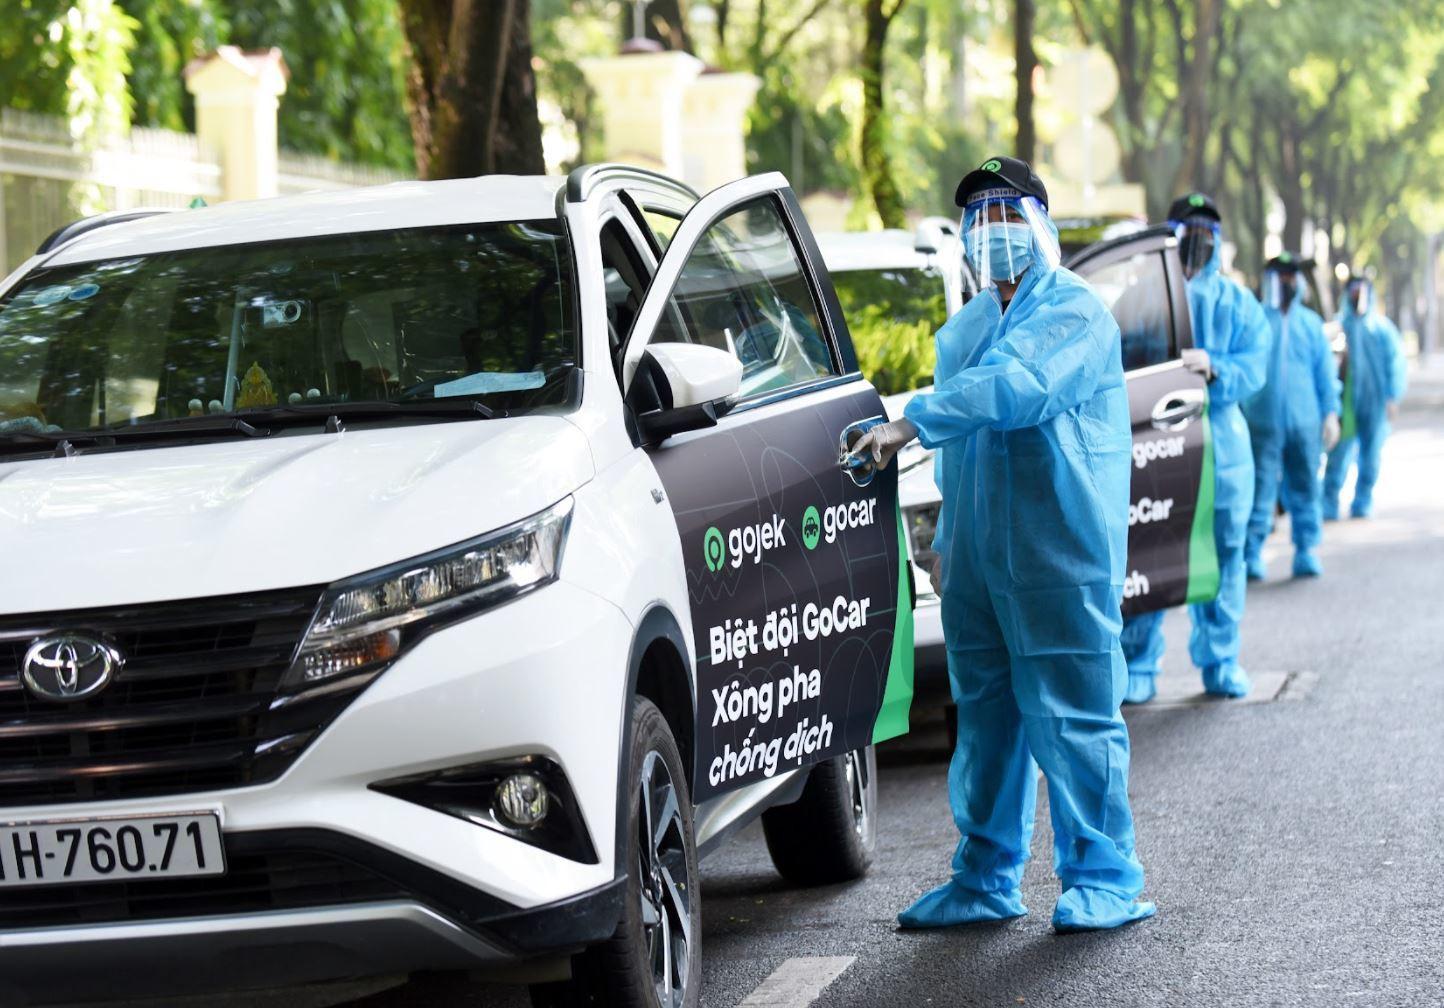 Grab cung cấp dịch vụ gọi xe đặc biệt chuyên chở lực lượng y tế chống dịch tại TP.HCM